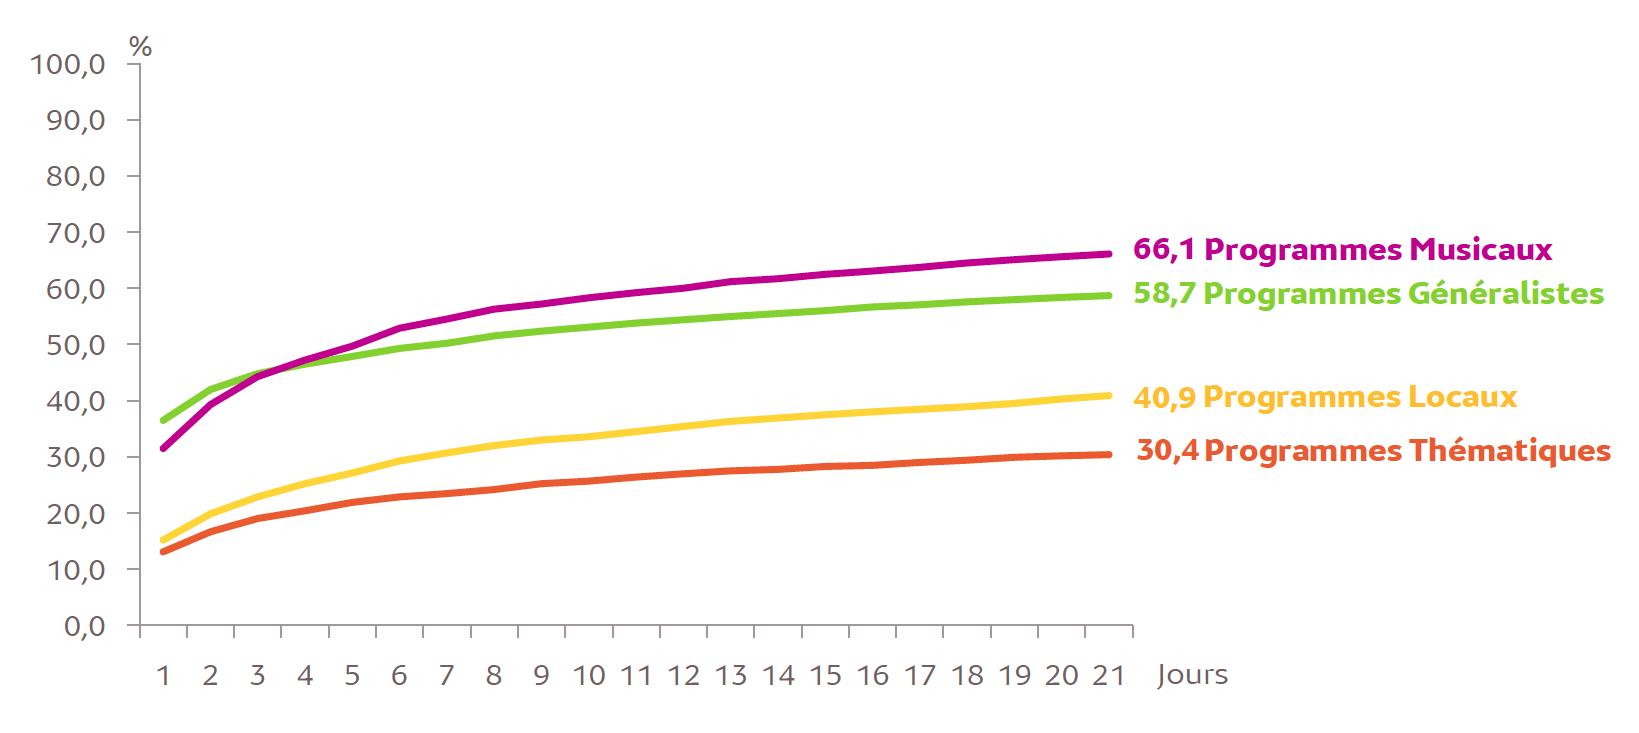 L'accumulation d'audience des agrégats par format (en %) sur 21 jours, lundi-dimanche entre 5h et minuit © Médiamétrie - Panel Radio 2018/2019 - Copyright Médiamétrie - Tous droits réservés